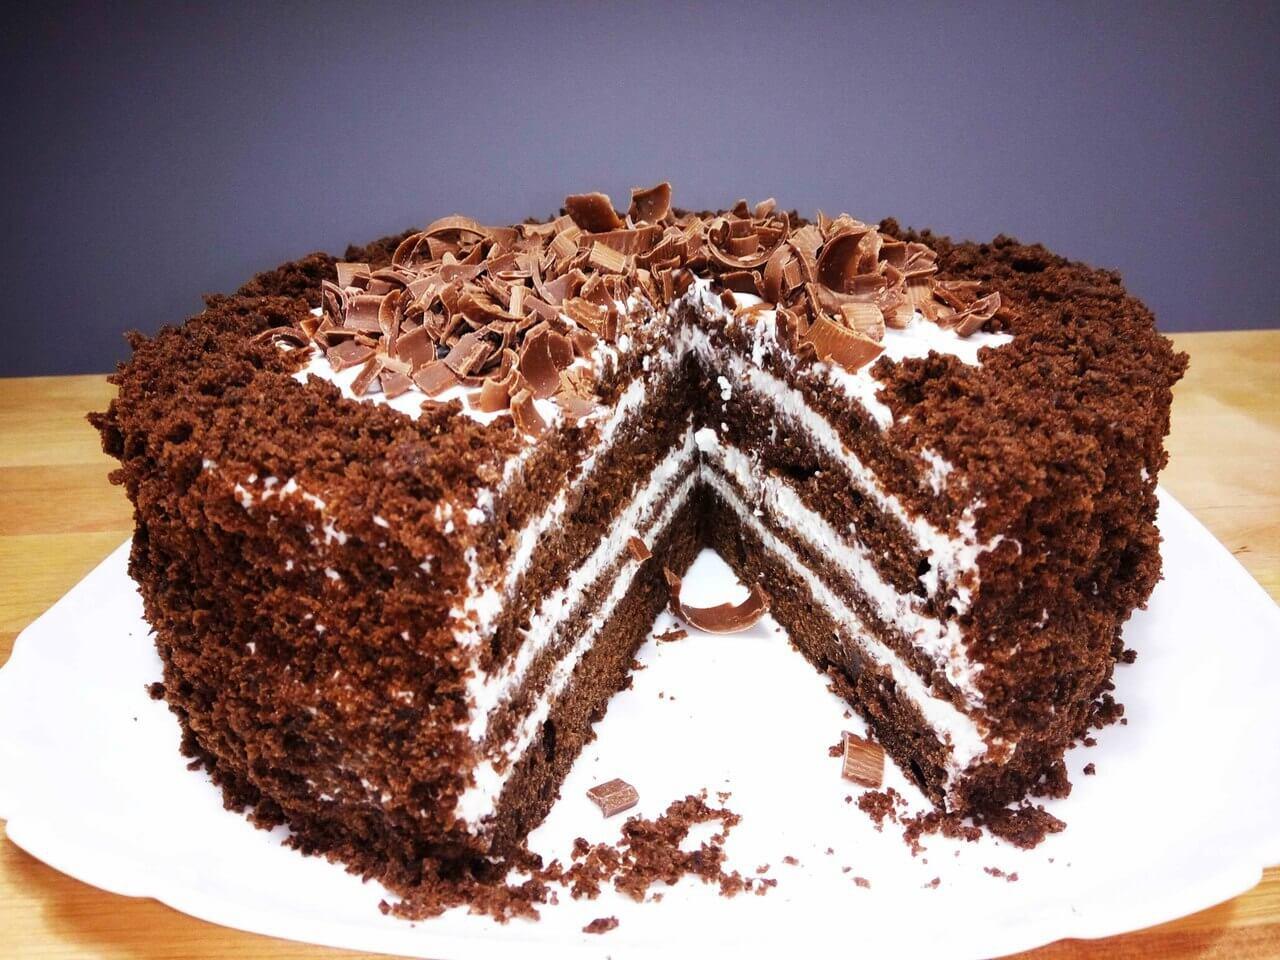 Самый вкусный шоколадный торт - подборка фото 4